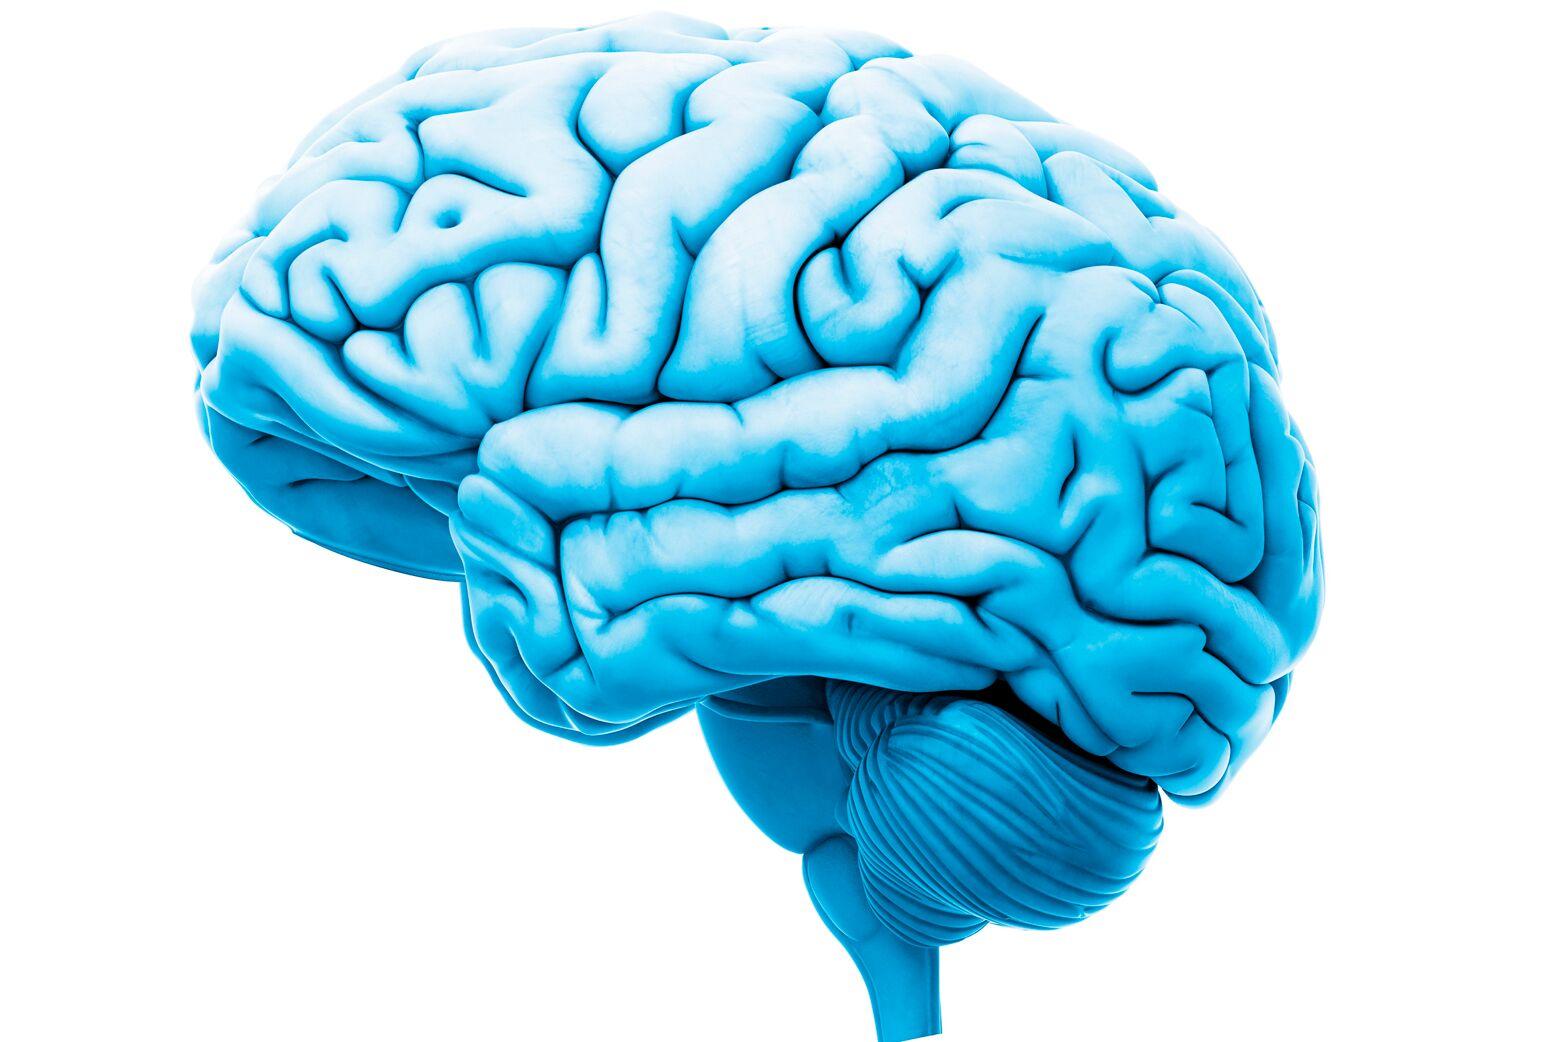 A blue brain